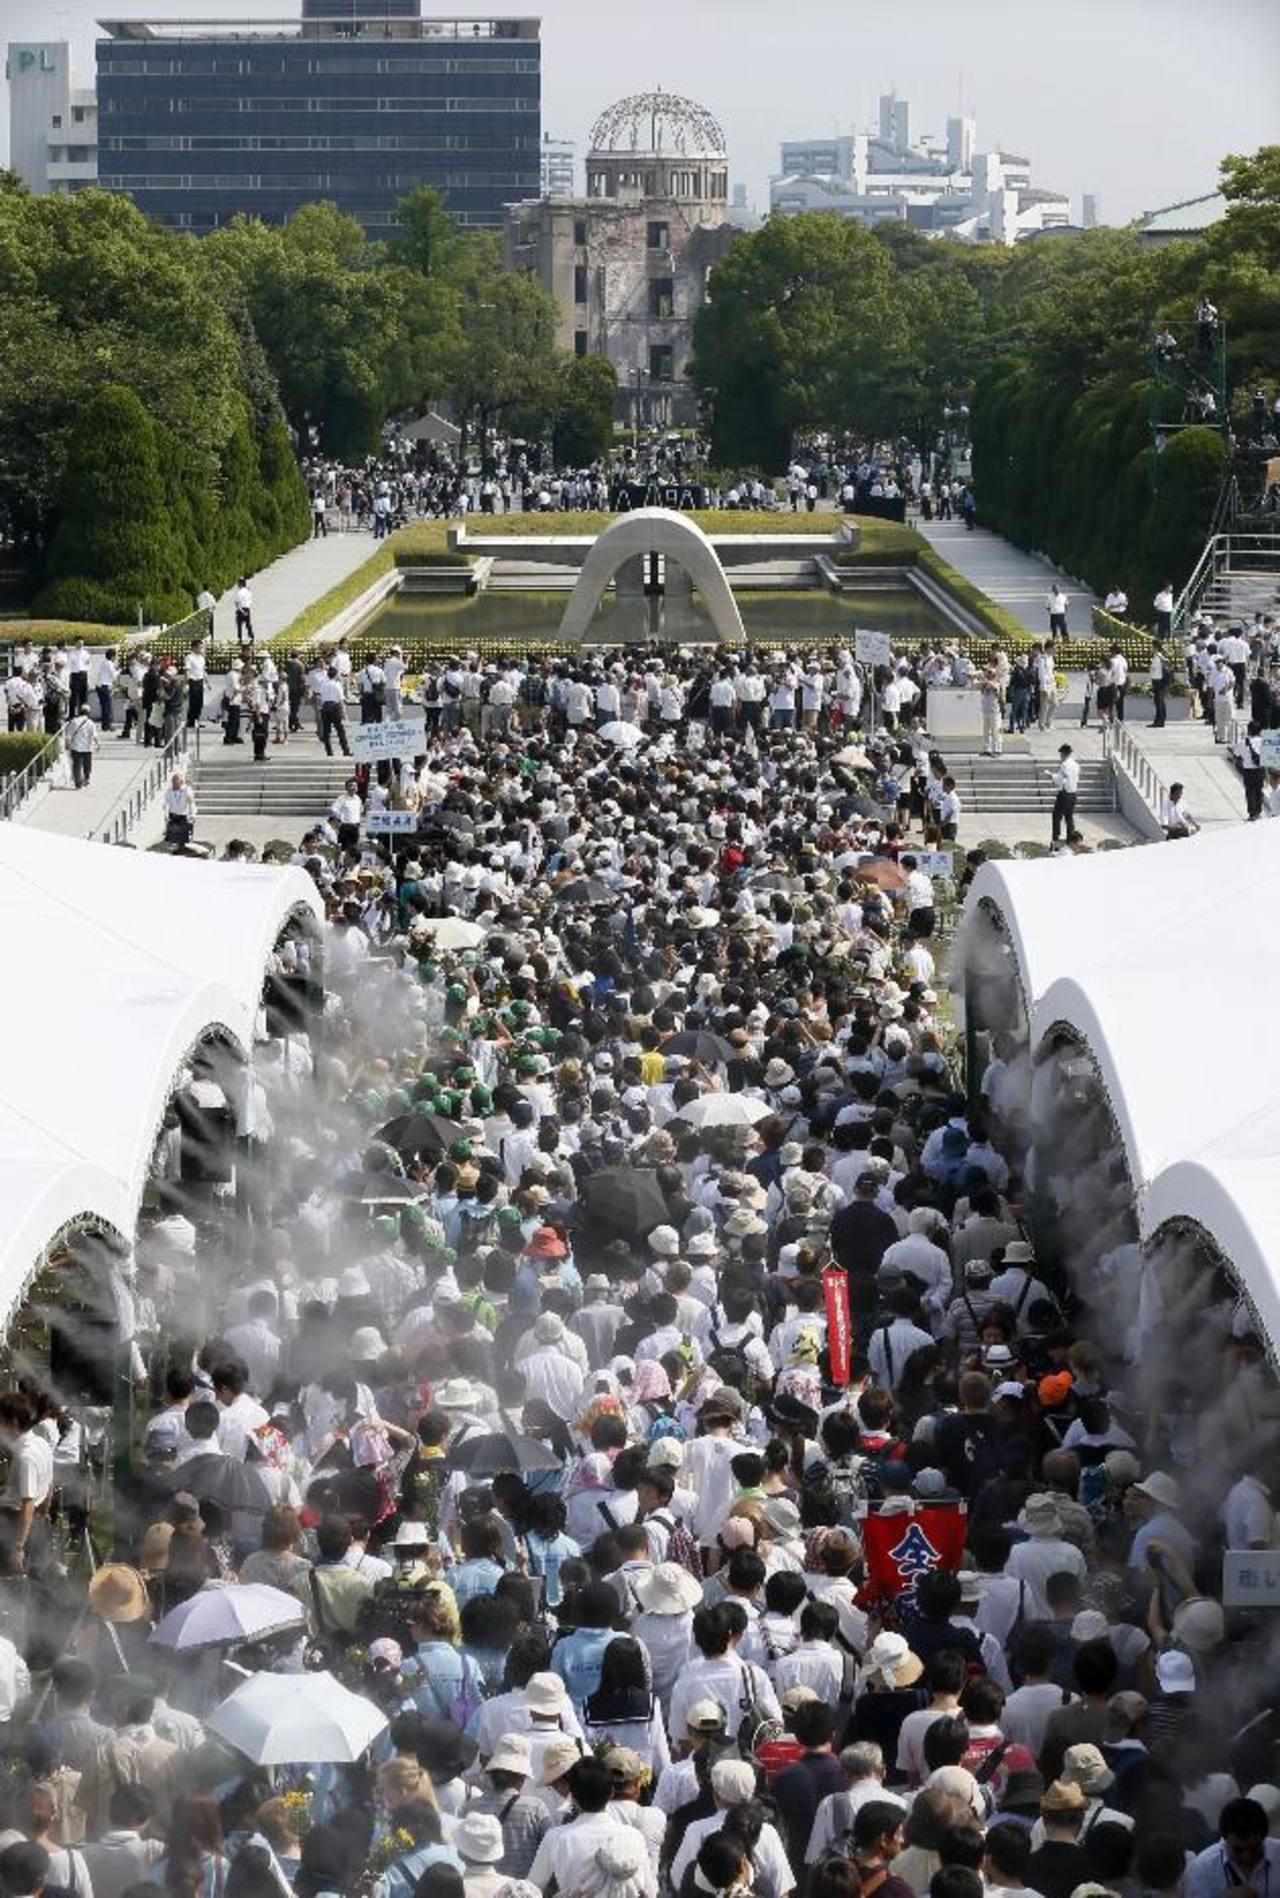 Cientos hacen fila frente al Domo de la Bomba Atómica en el Monumento de Paz.